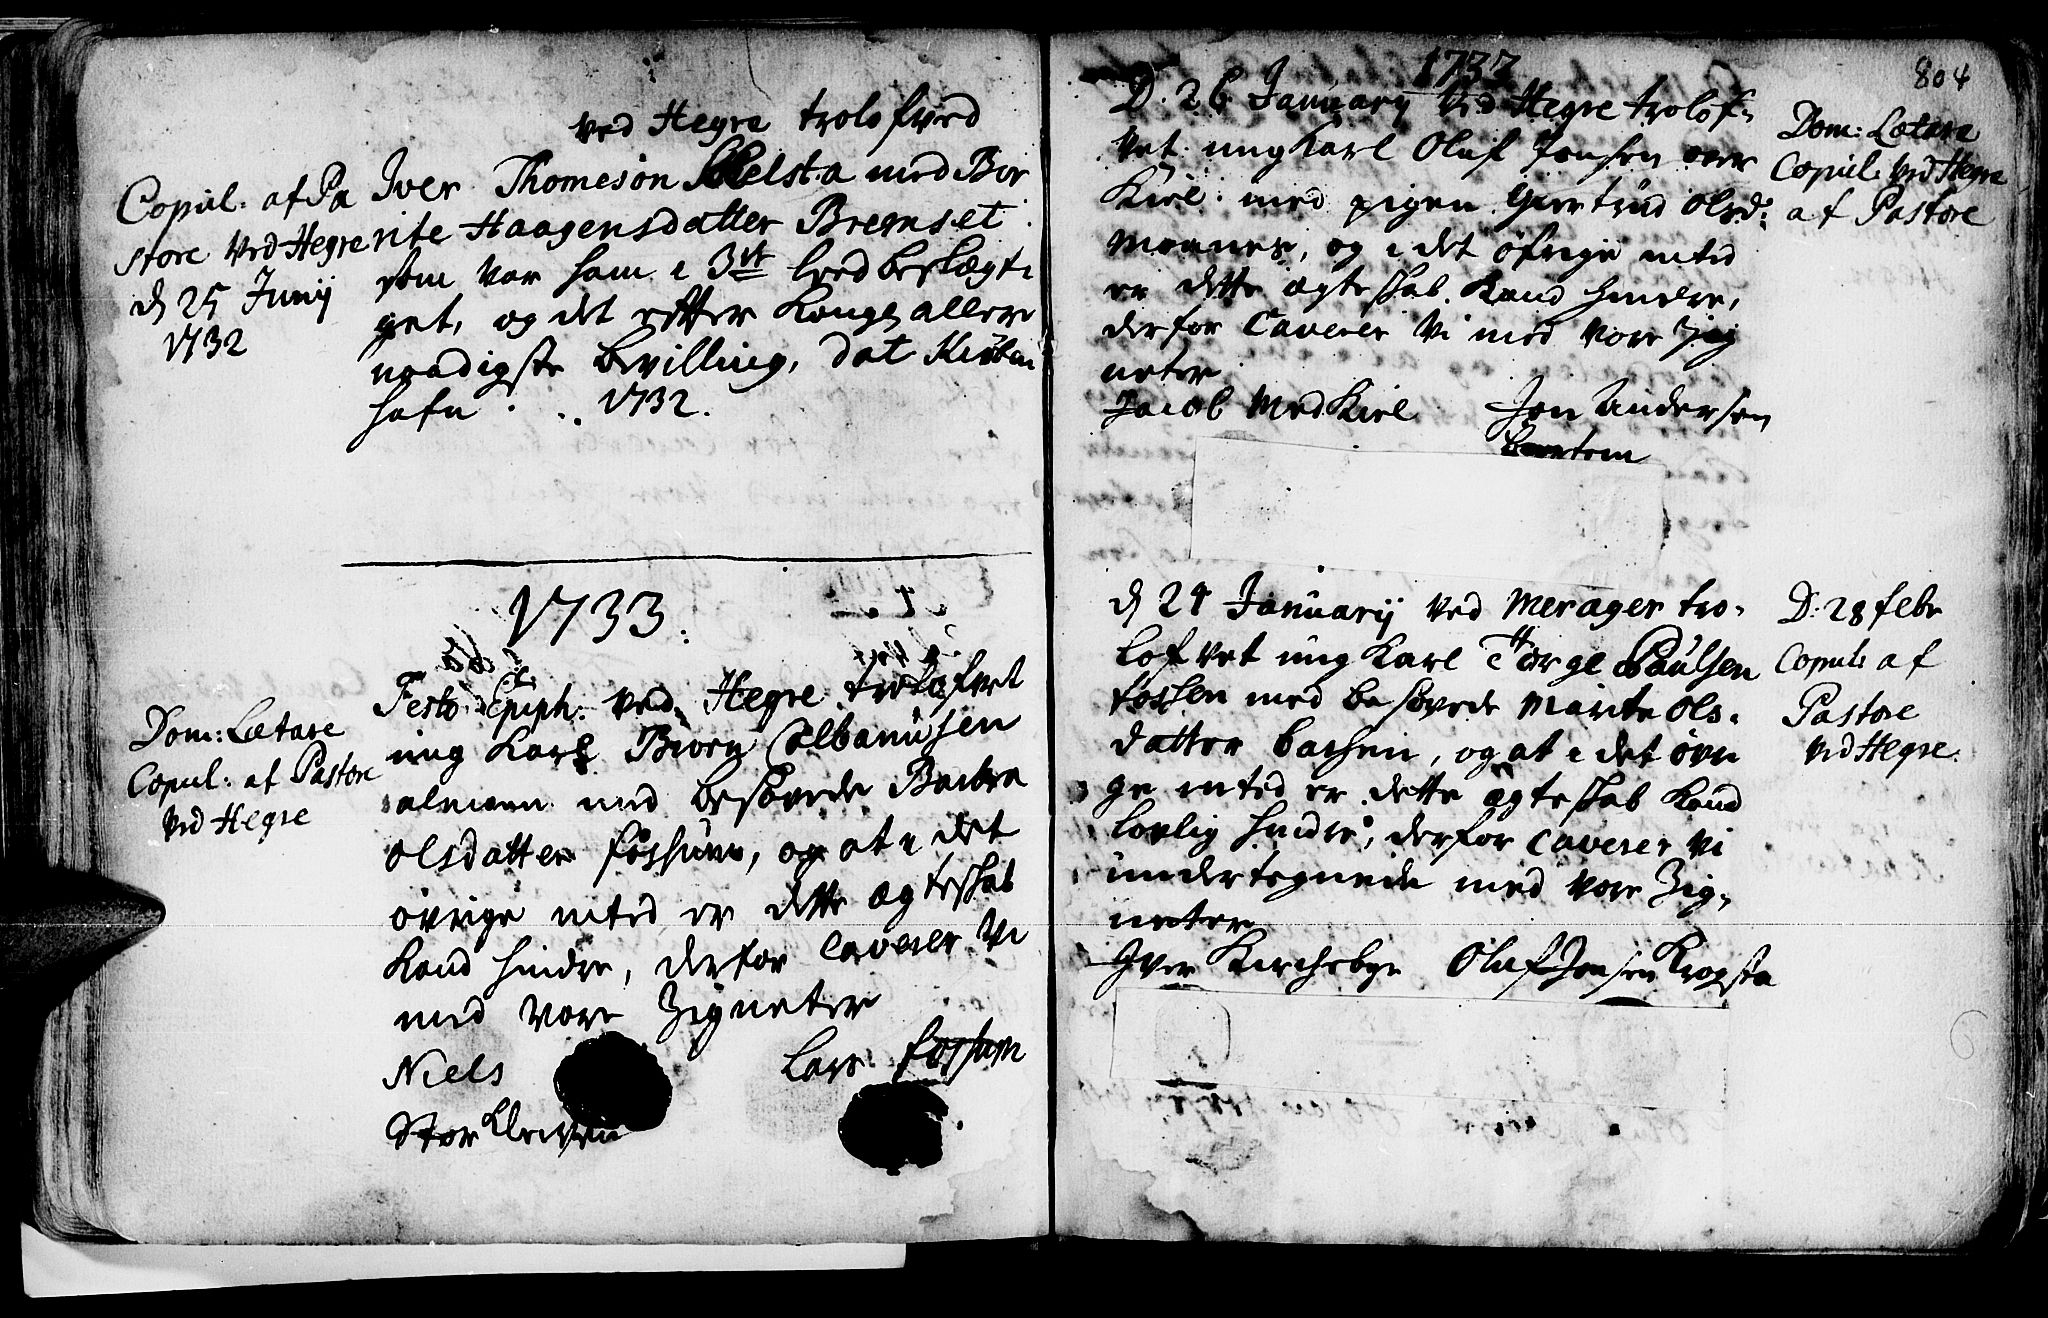 SAT, Ministerialprotokoller, klokkerbøker og fødselsregistre - Nord-Trøndelag, 709/L0055: Ministerialbok nr. 709A03, 1730-1739, s. 803-804